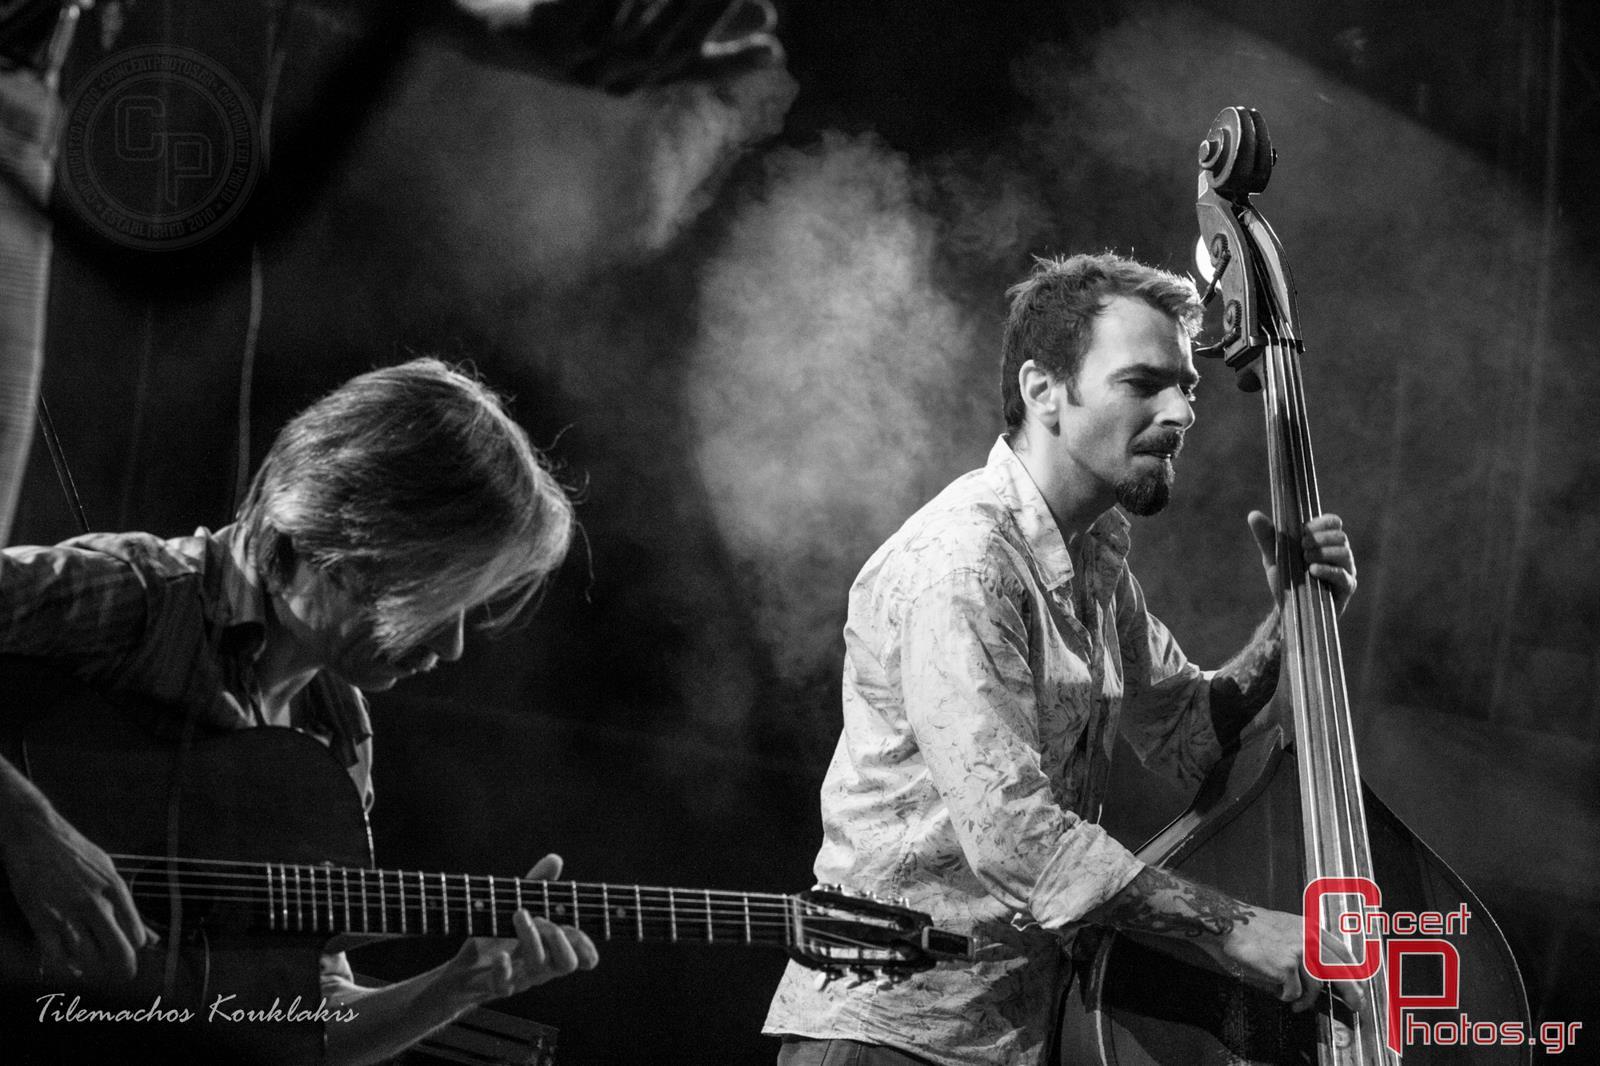 Μία συναυλία για τη Σχεδία 2014-Sxedia 2014 photographer:  - concertphotos_20140530_20_13_32